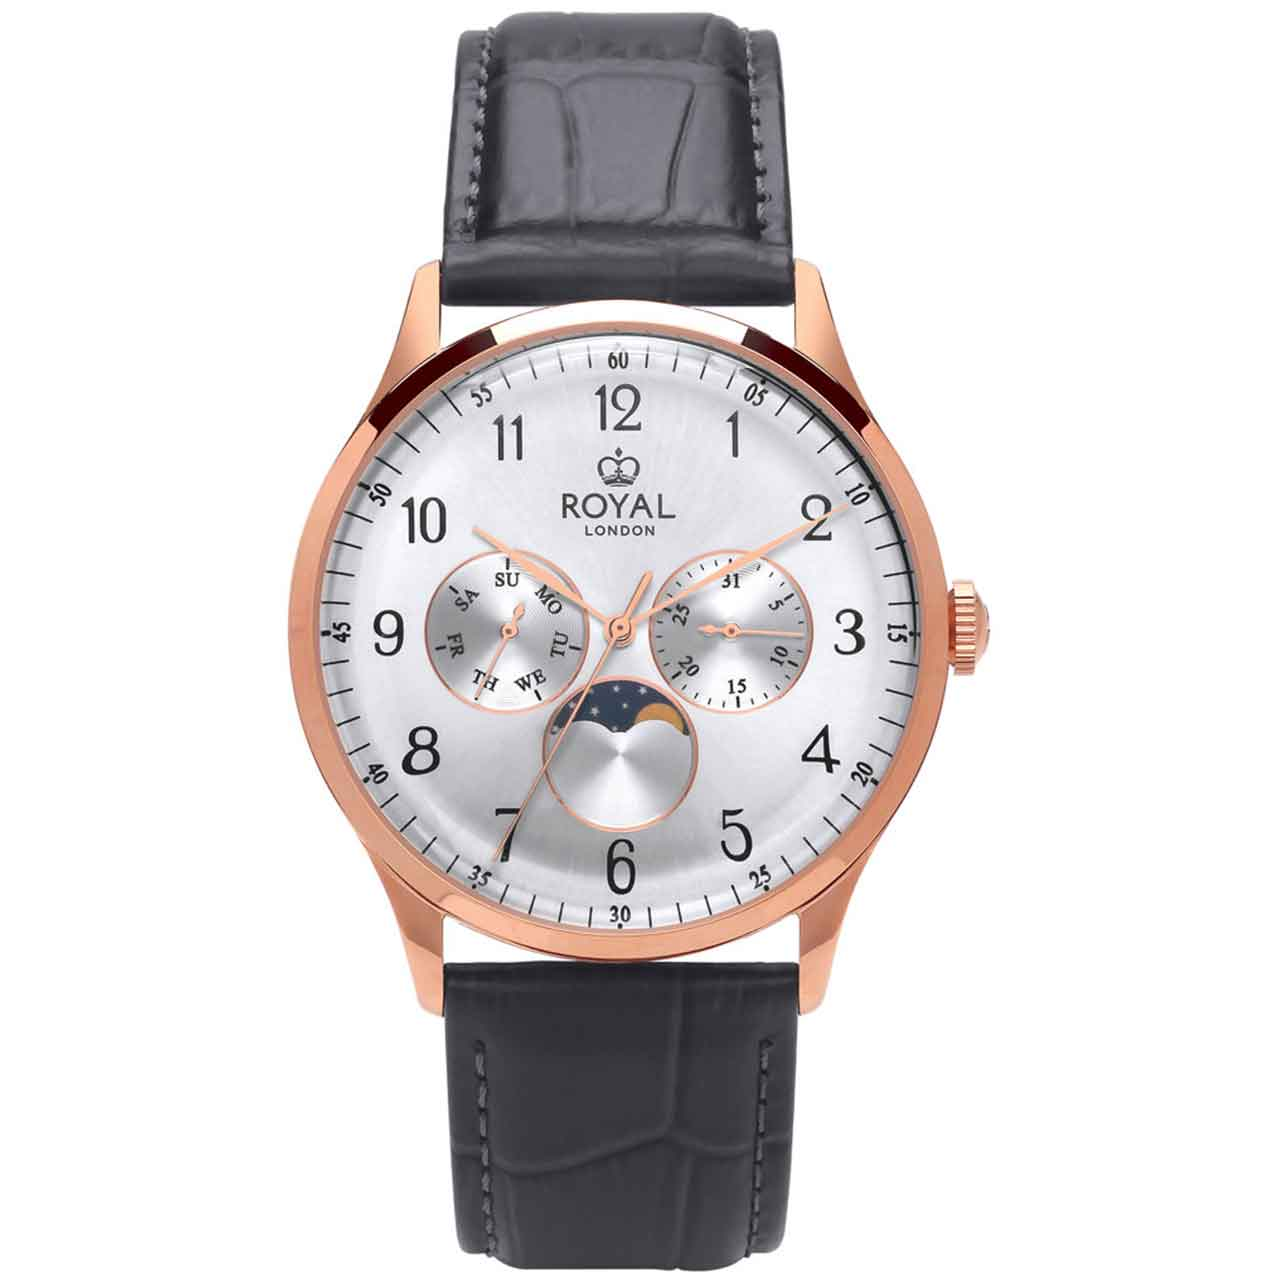 ساعت مچی عقربه ای مردانه رویال لندن مدل RL-41390-04 34